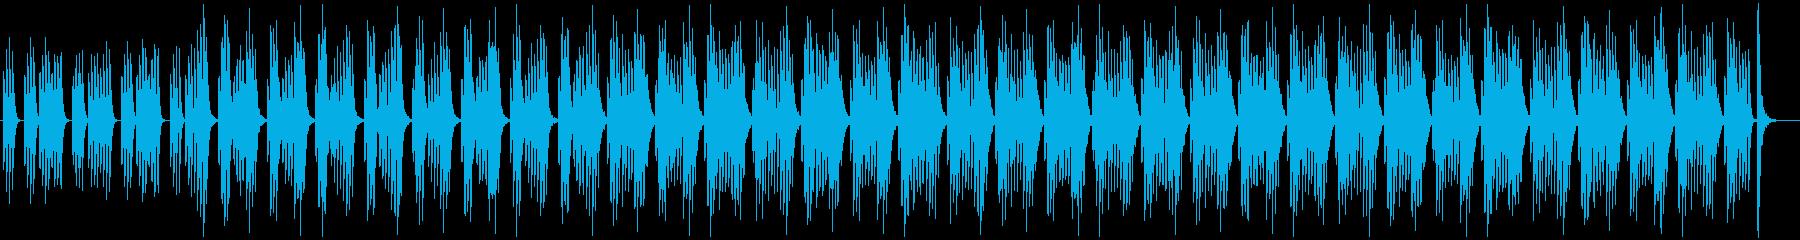 ミニマル・シンプル・リラックス・かわいいの再生済みの波形